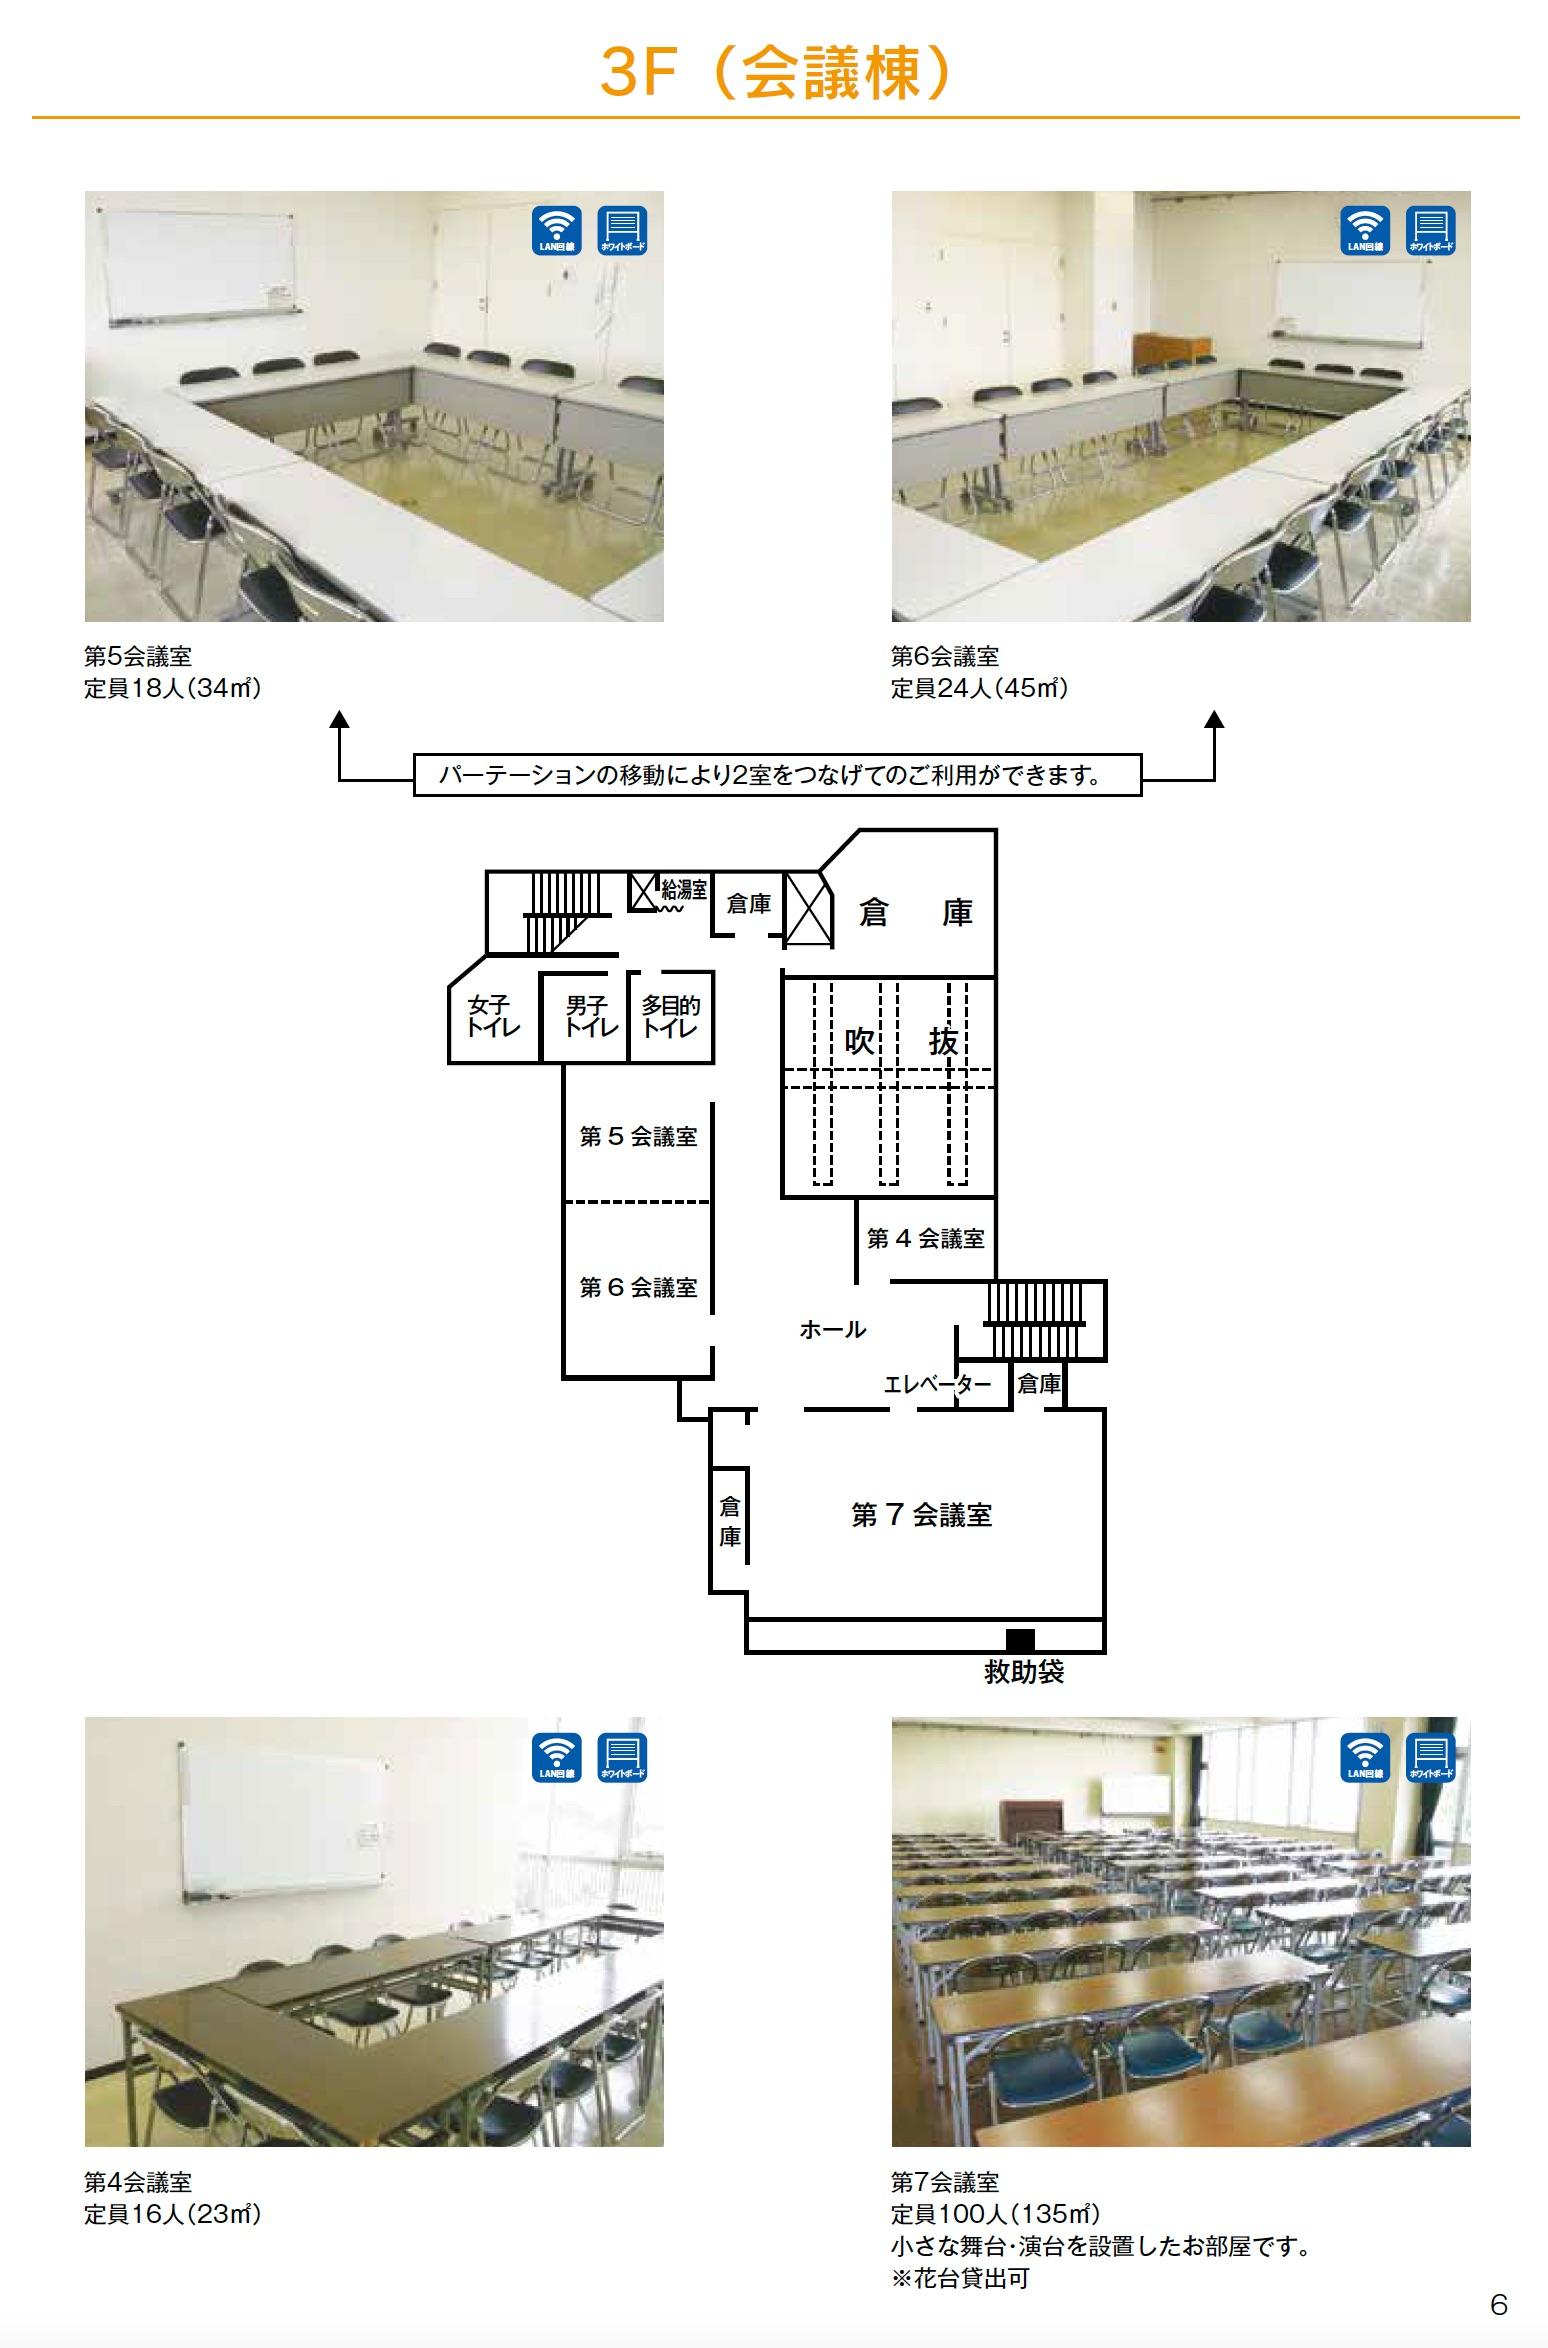 3F_会議棟